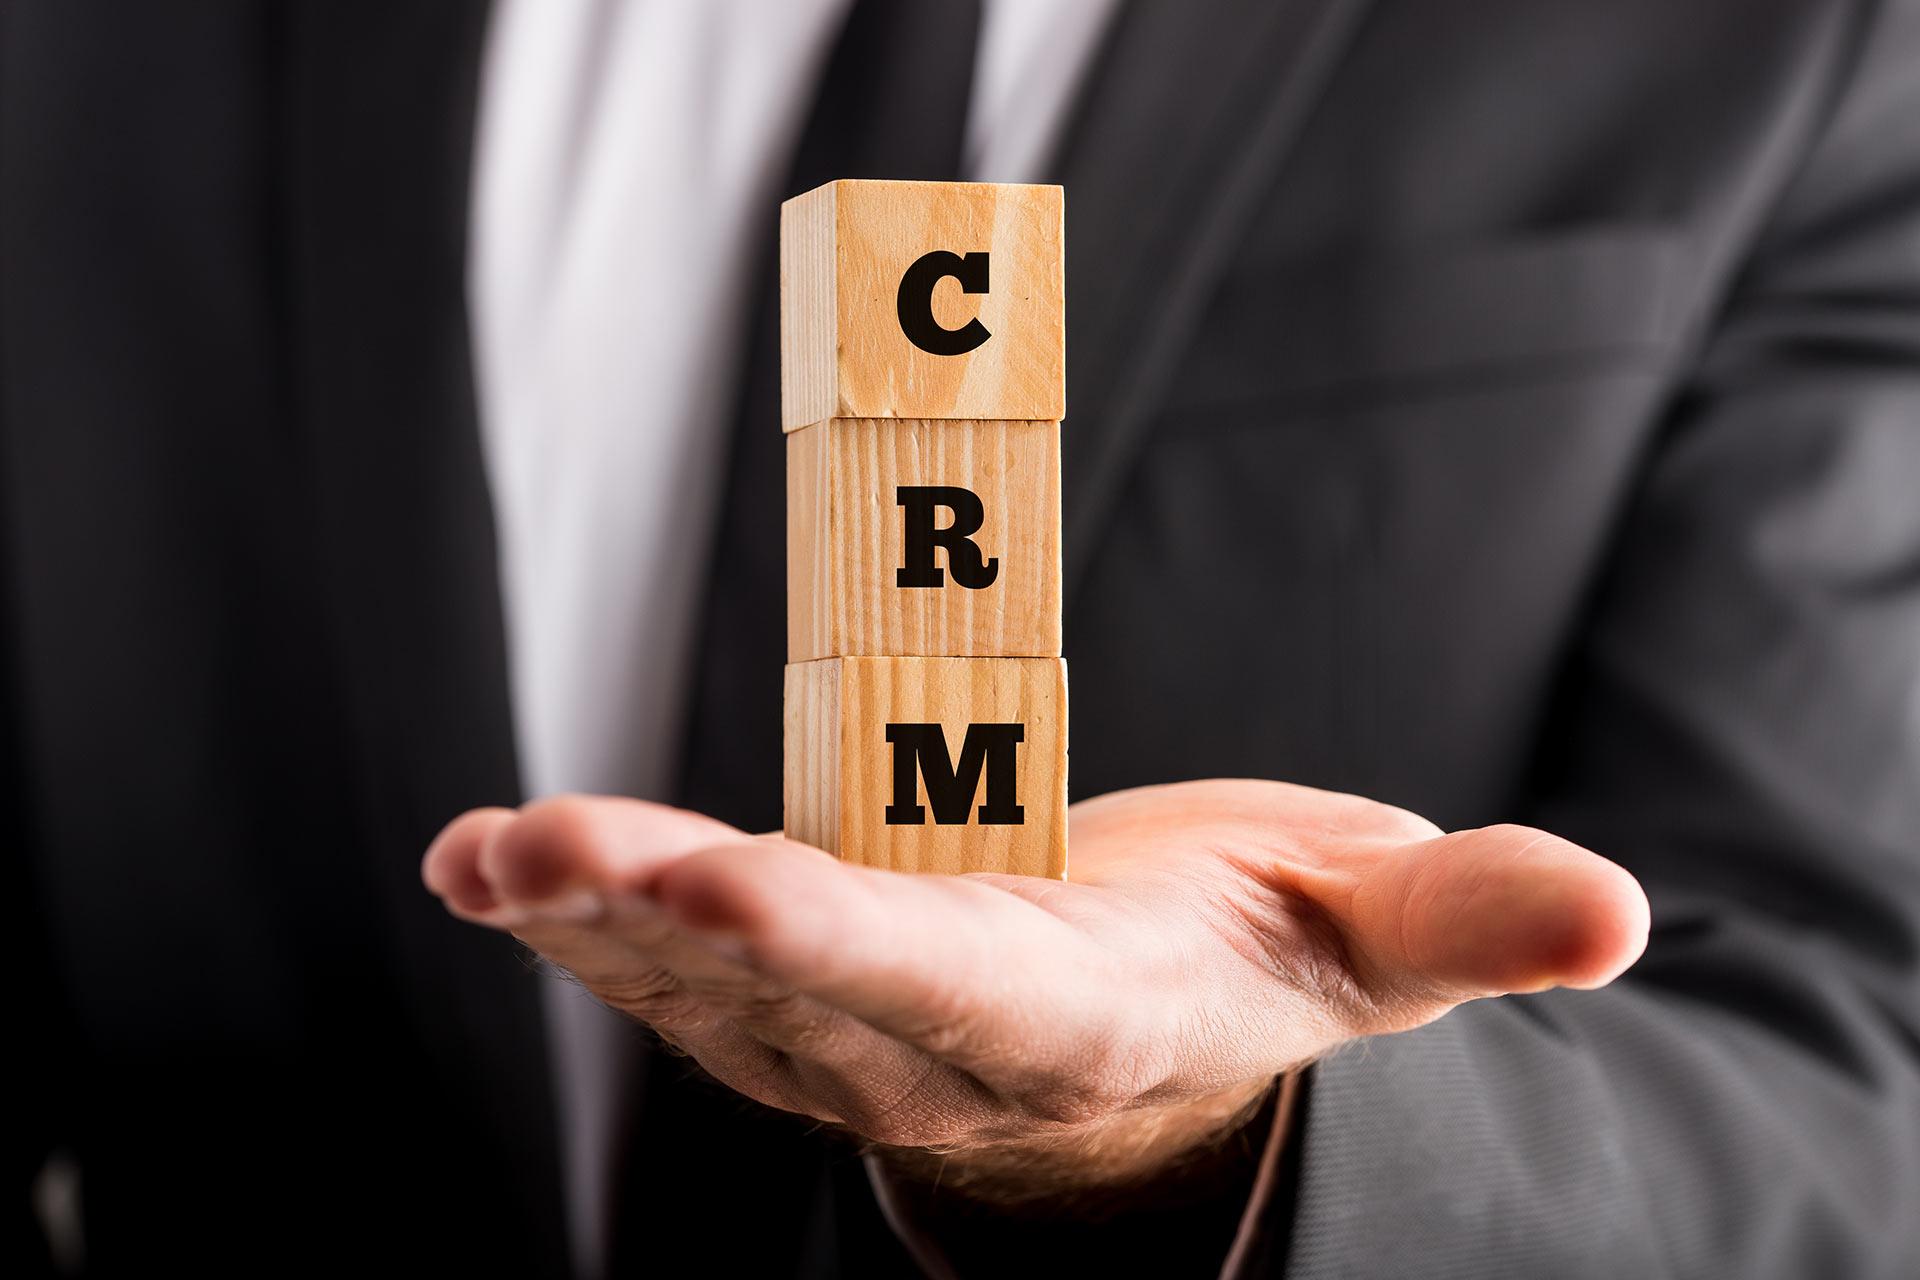 CRM для B2B компаний. Как автоматизировать отдел продаж товаров и услуг для бизнеса. Кейсы и практика